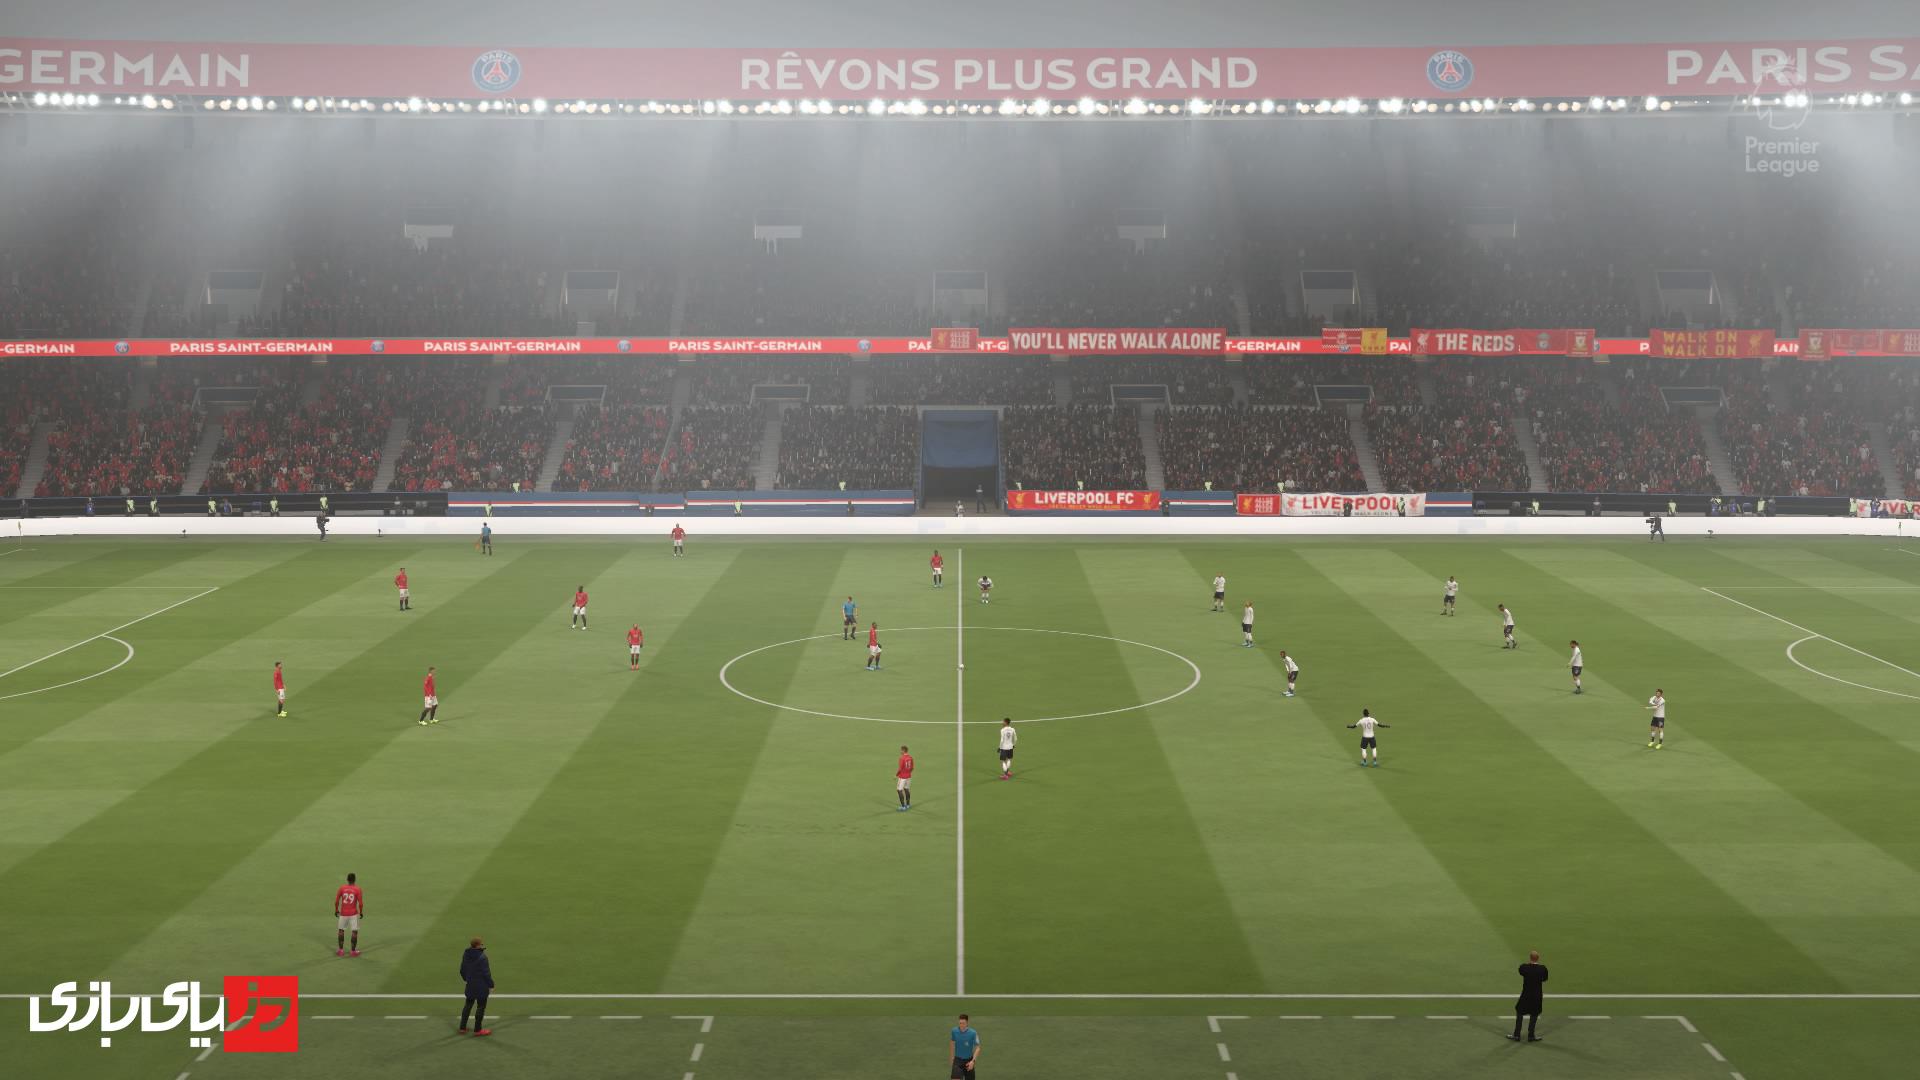 تریلر بازی فیفا 2020 - بررسی بازی FIFA 20